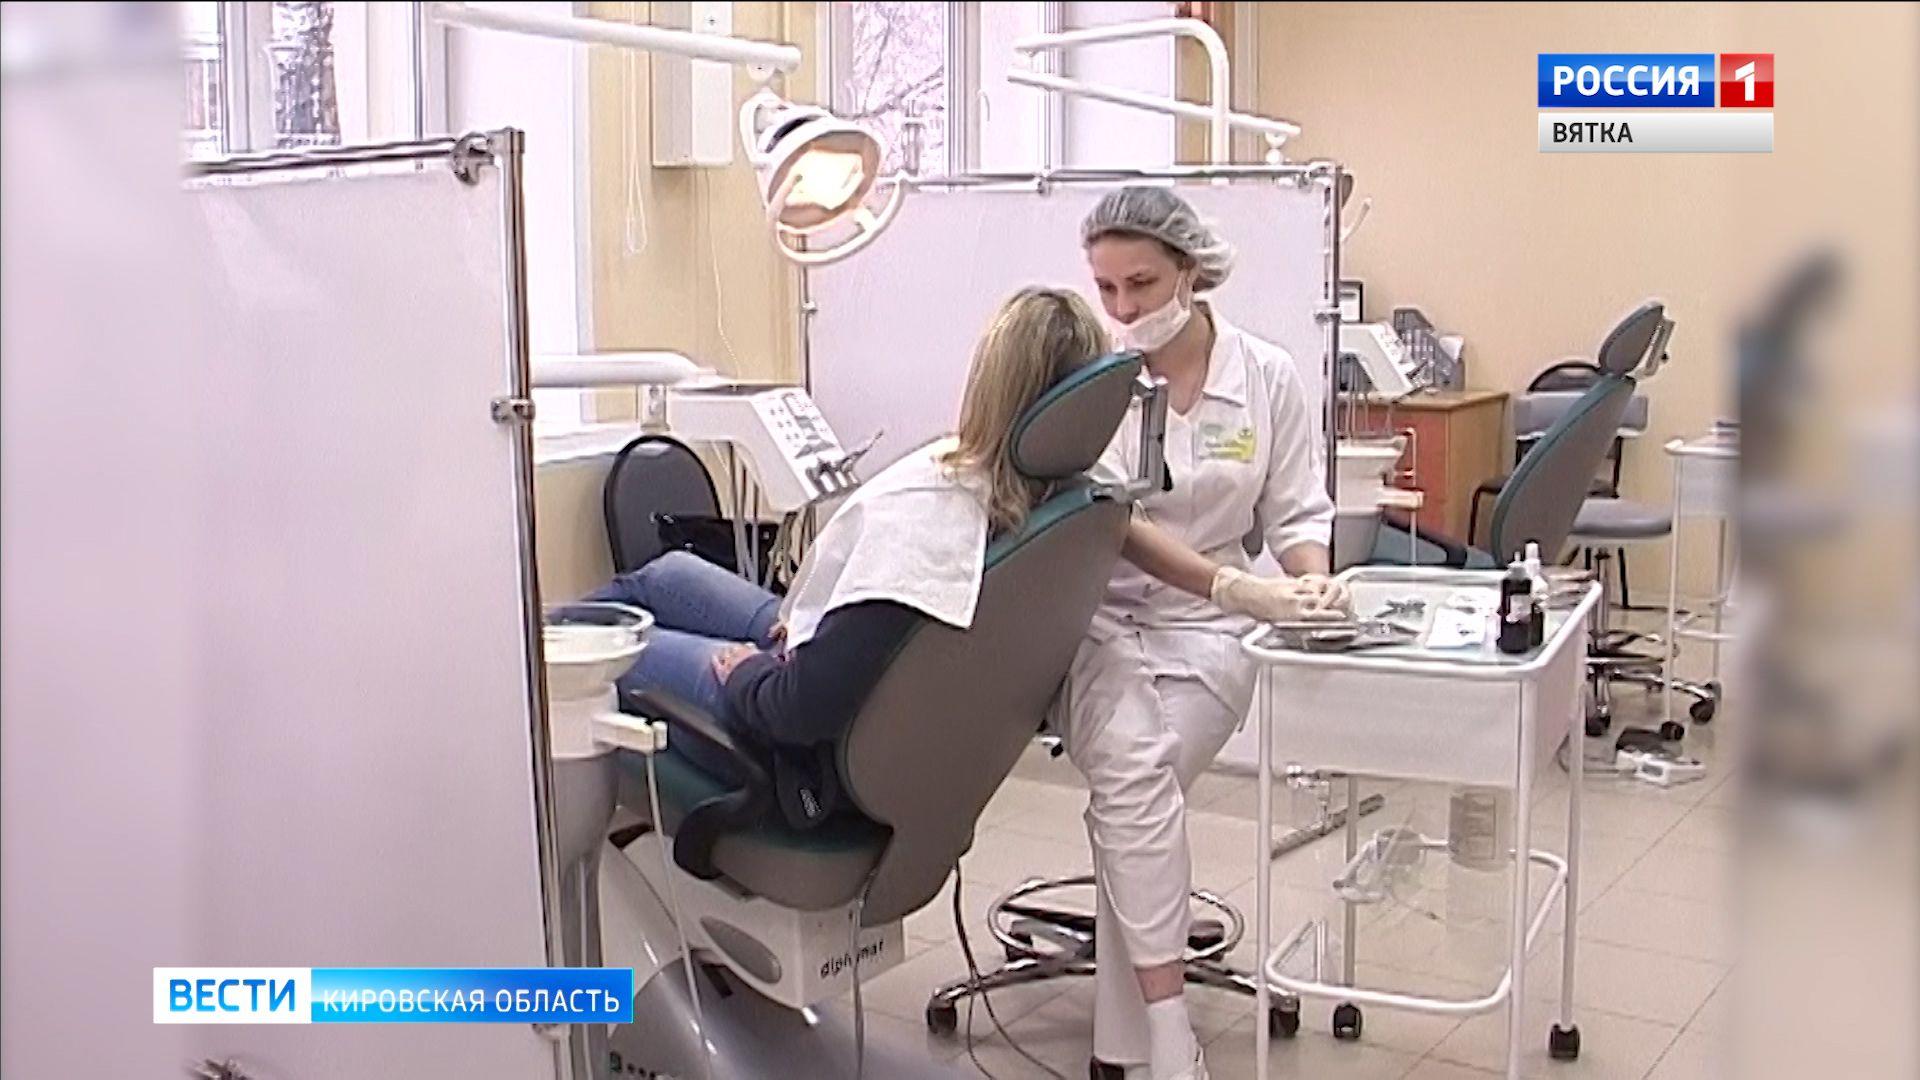 Список отраслей экономики, пострадавших из-за коронавируса, расширили